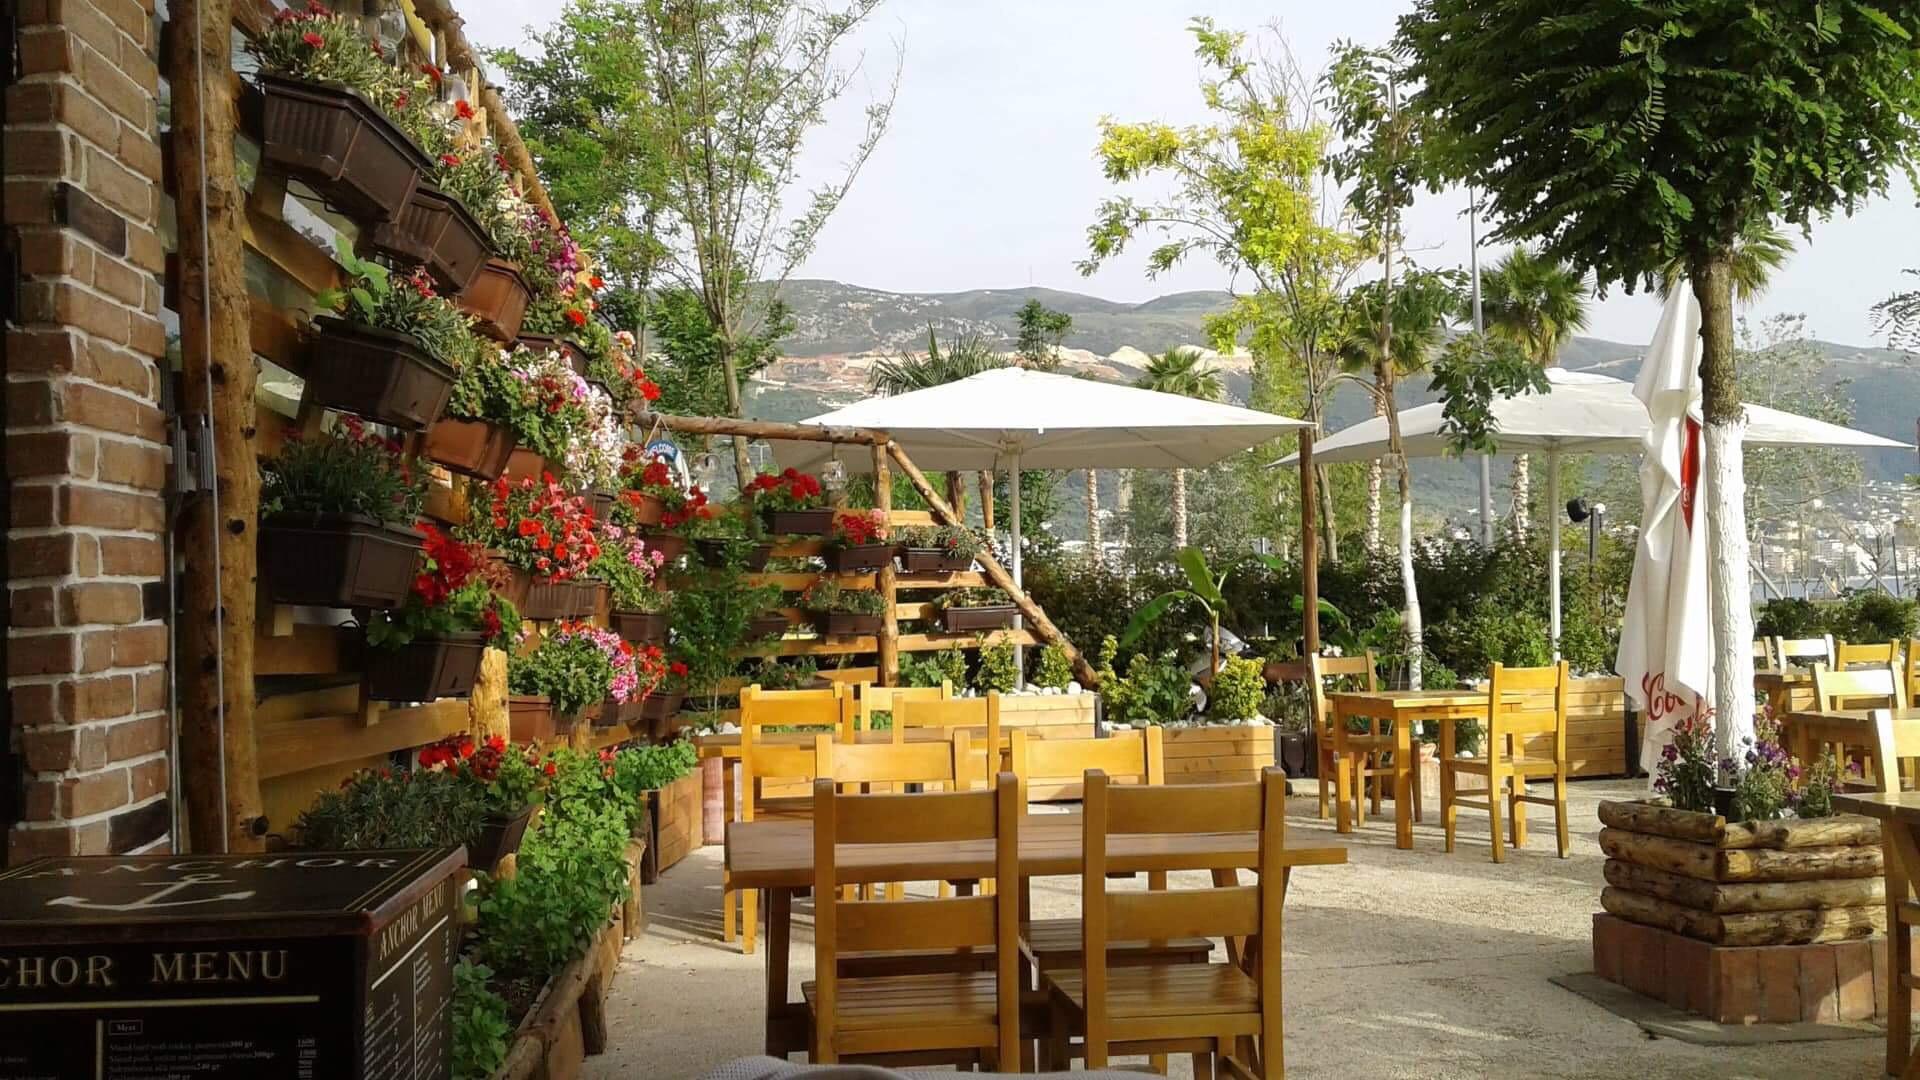 Yksi kaunis ravintola bulevardilla. Kuva: Irena Duraj